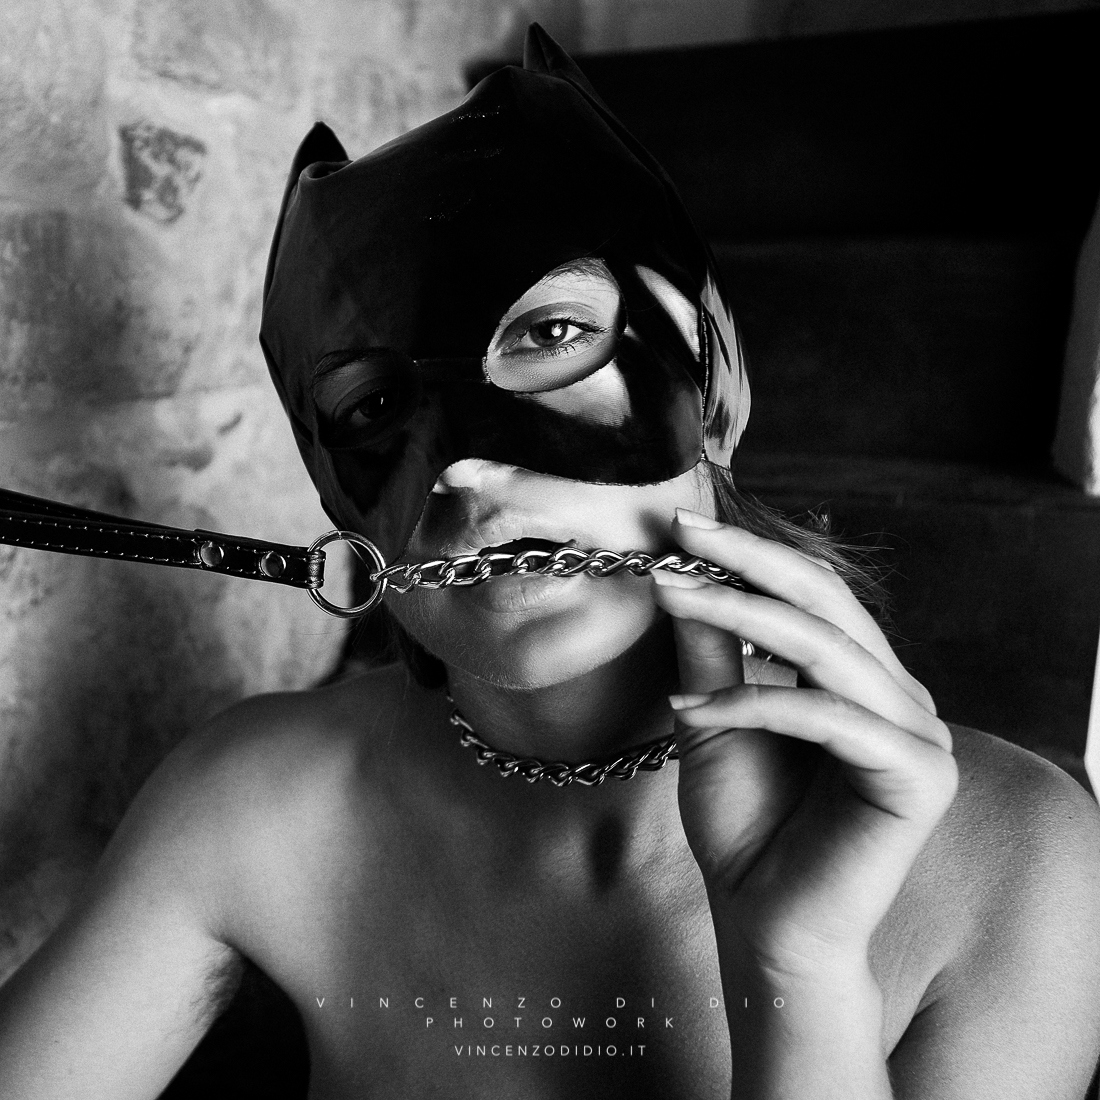 Ana Andruska - Vincenzo Di Dio Fotografo freelance Sicilia